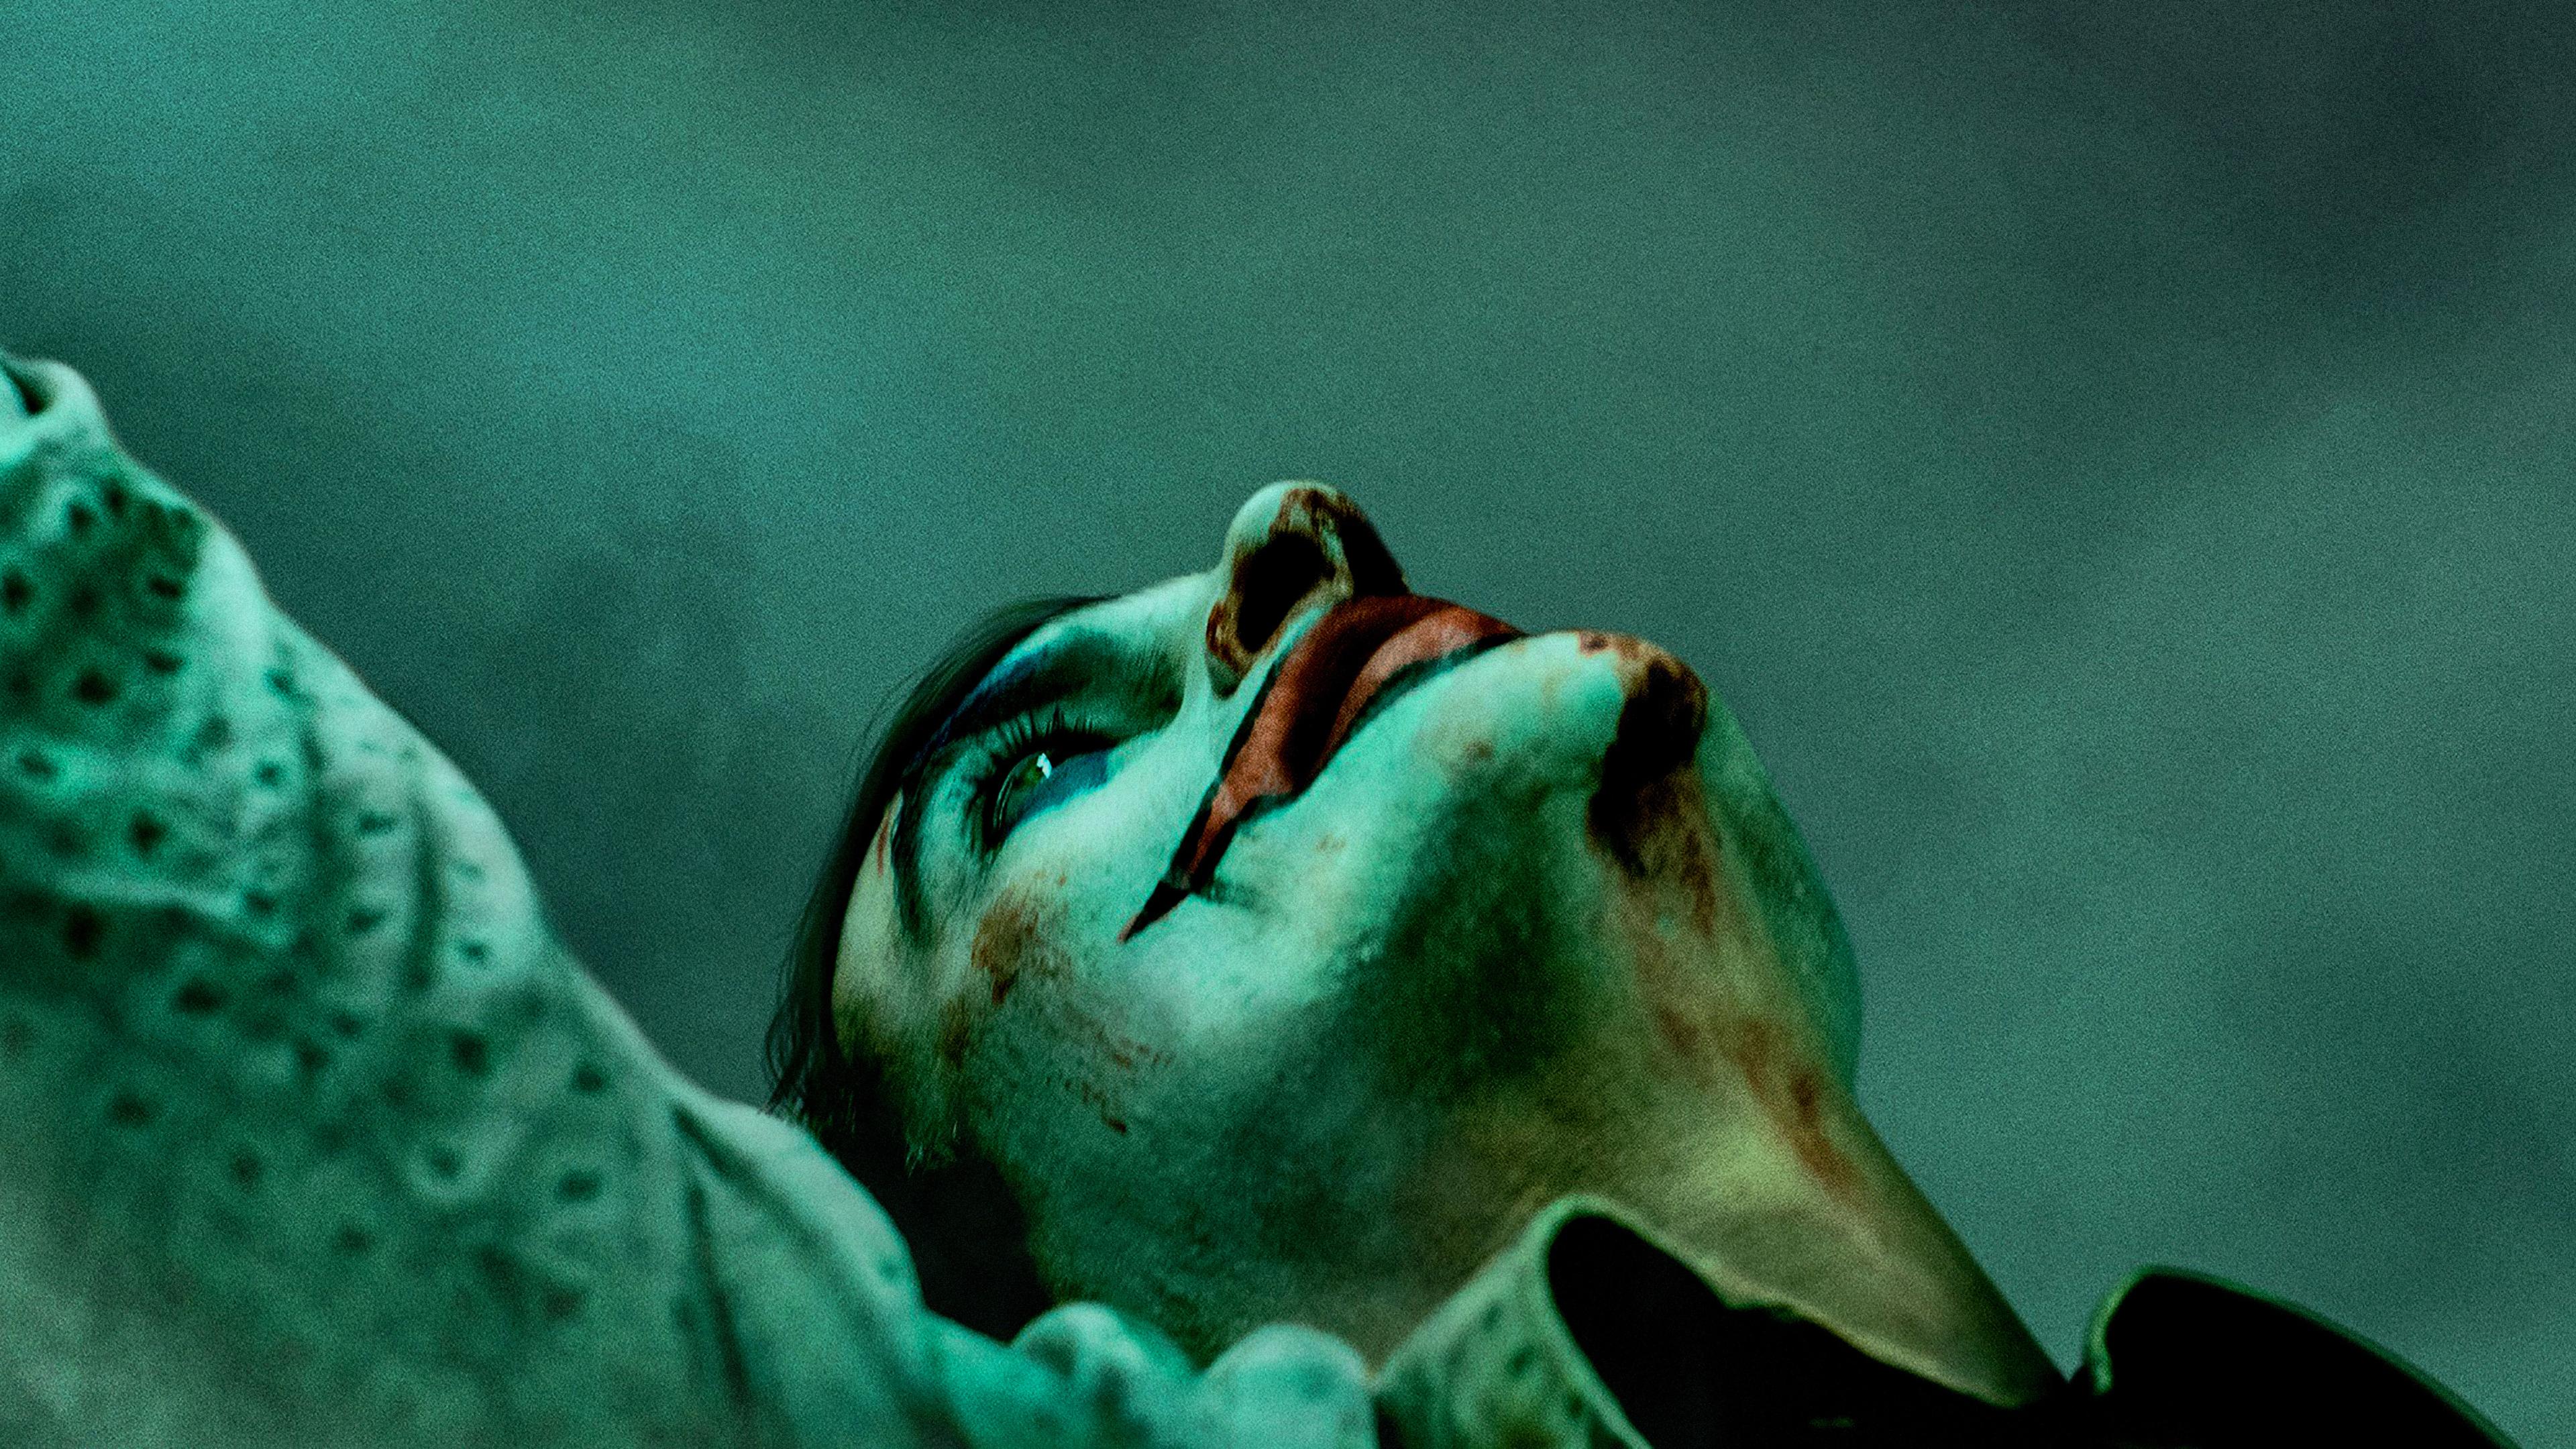 3840x2160 Joker Joaquin Phoenix 2019 4k 4k HD 4k ...